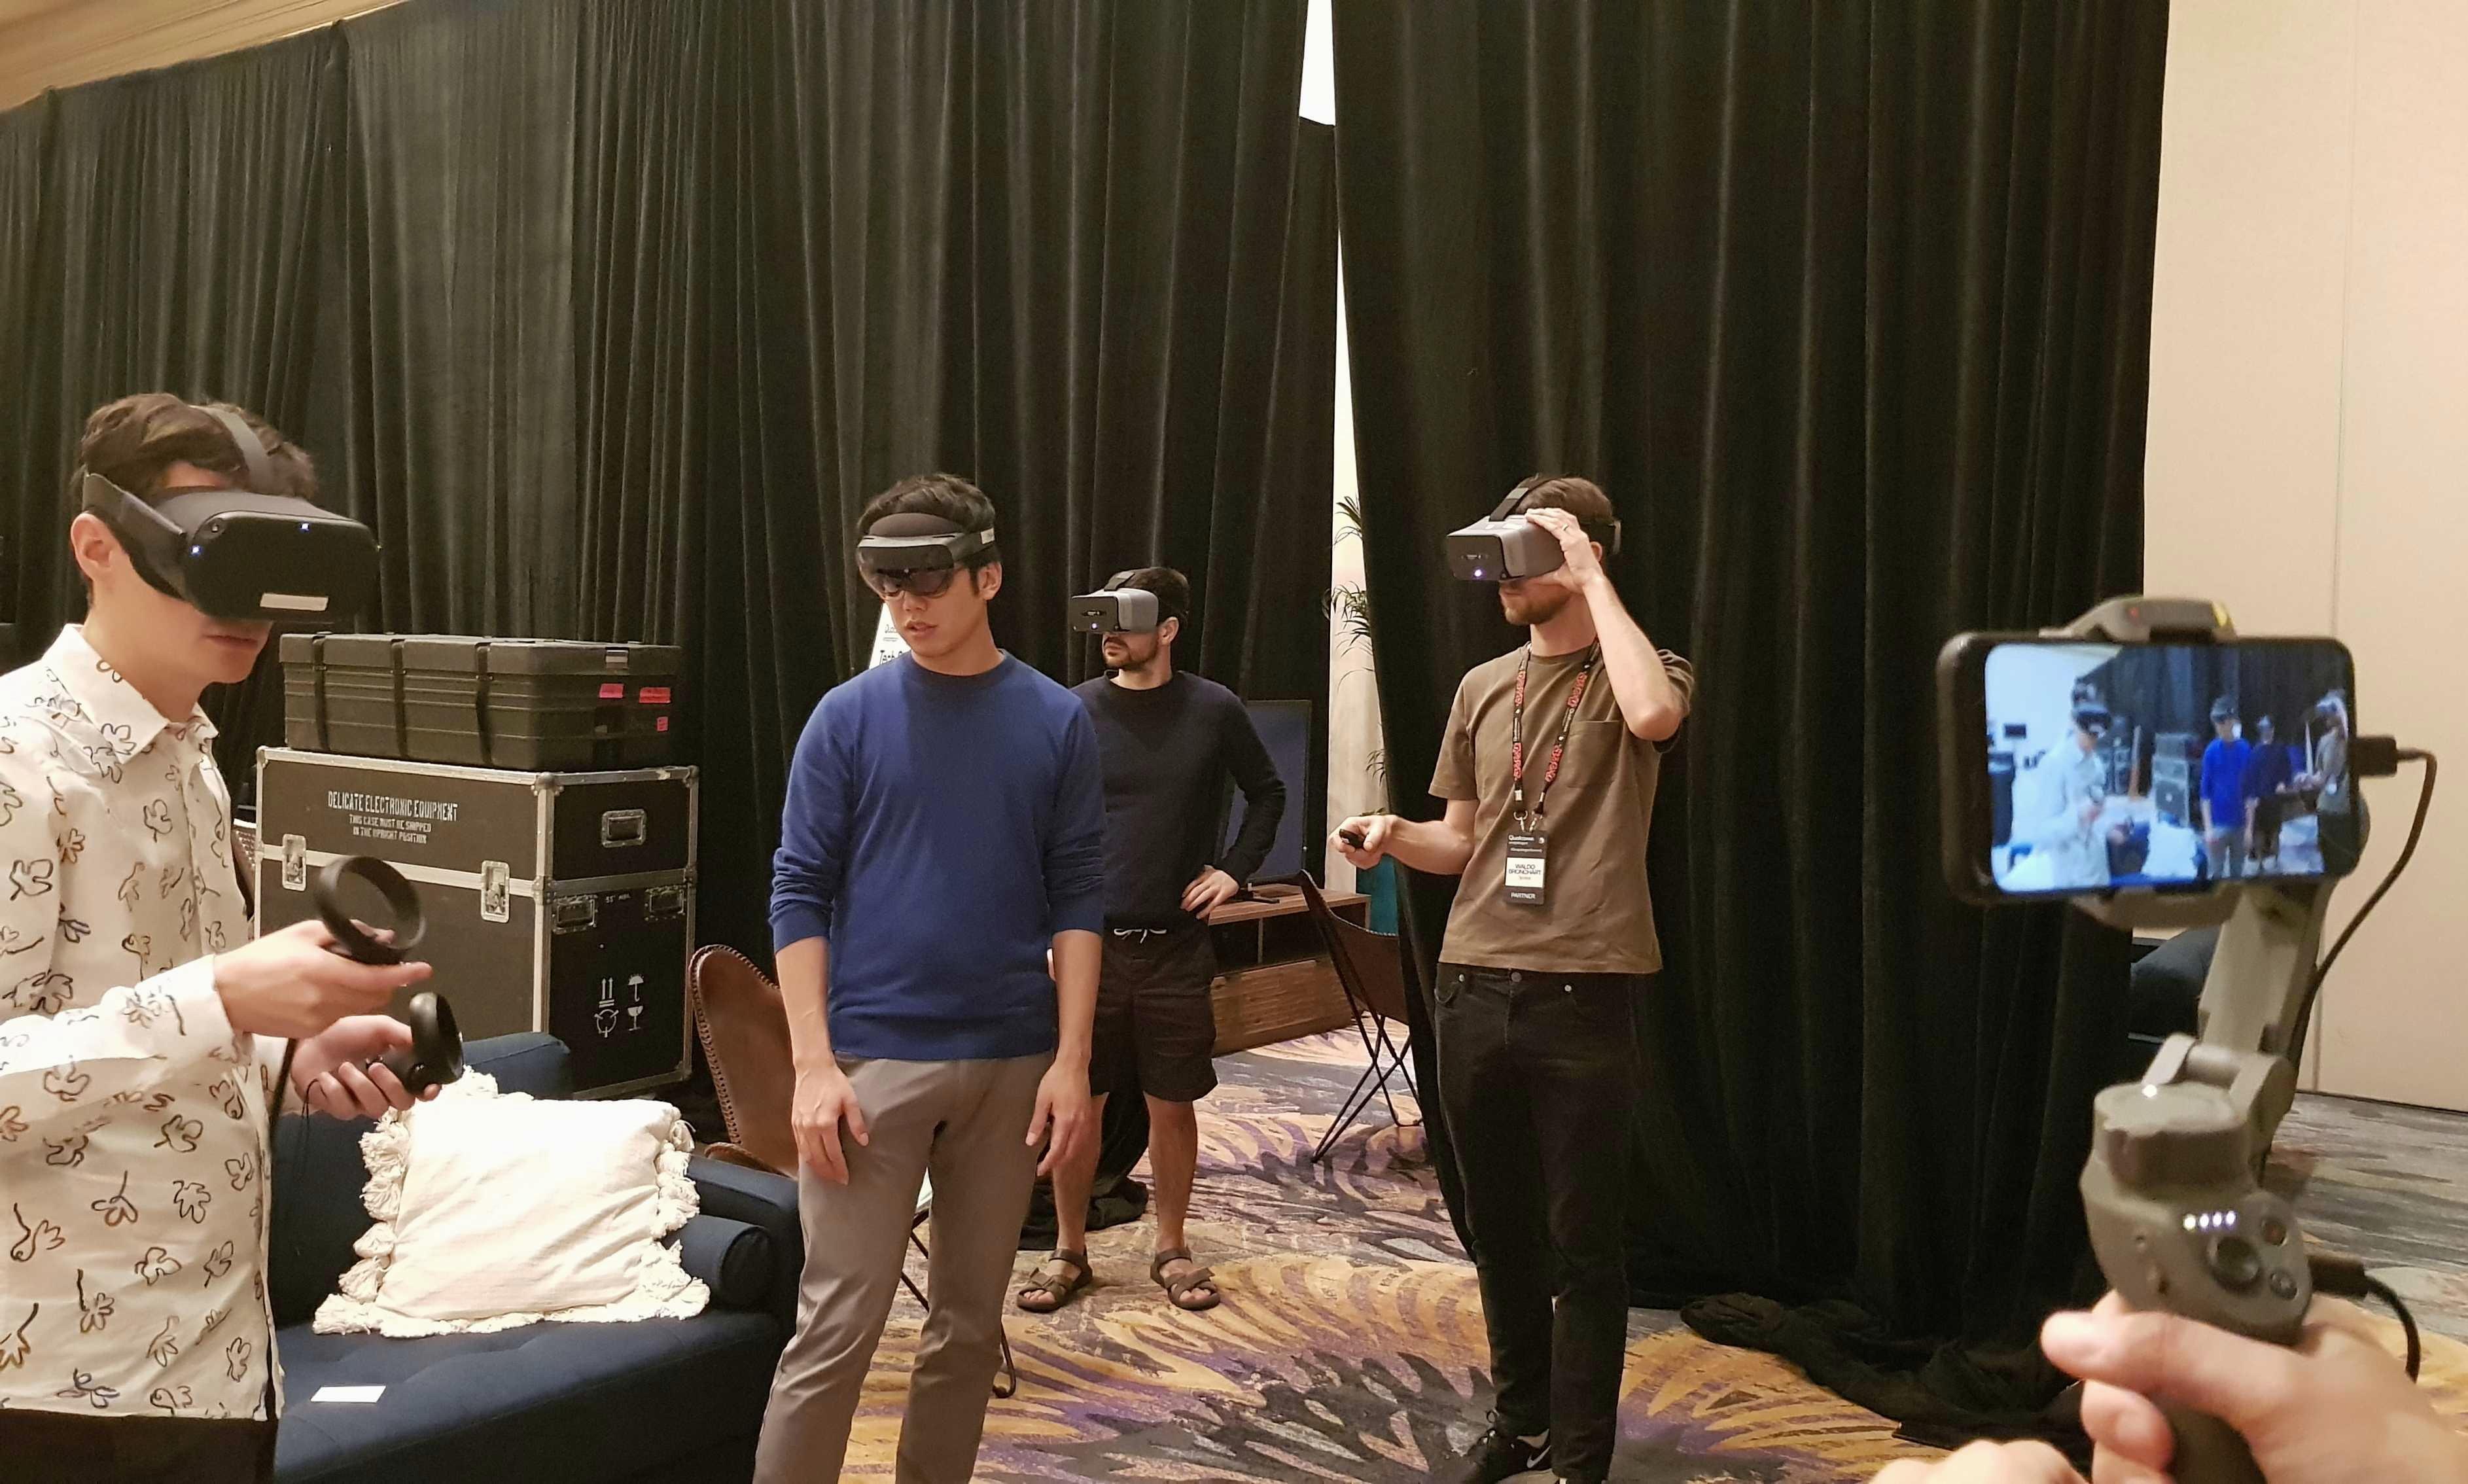 [Prise en main] Le Snapdragon XR2 permet un vrai bond en avant graphique par rapport à l'Oculus Quest